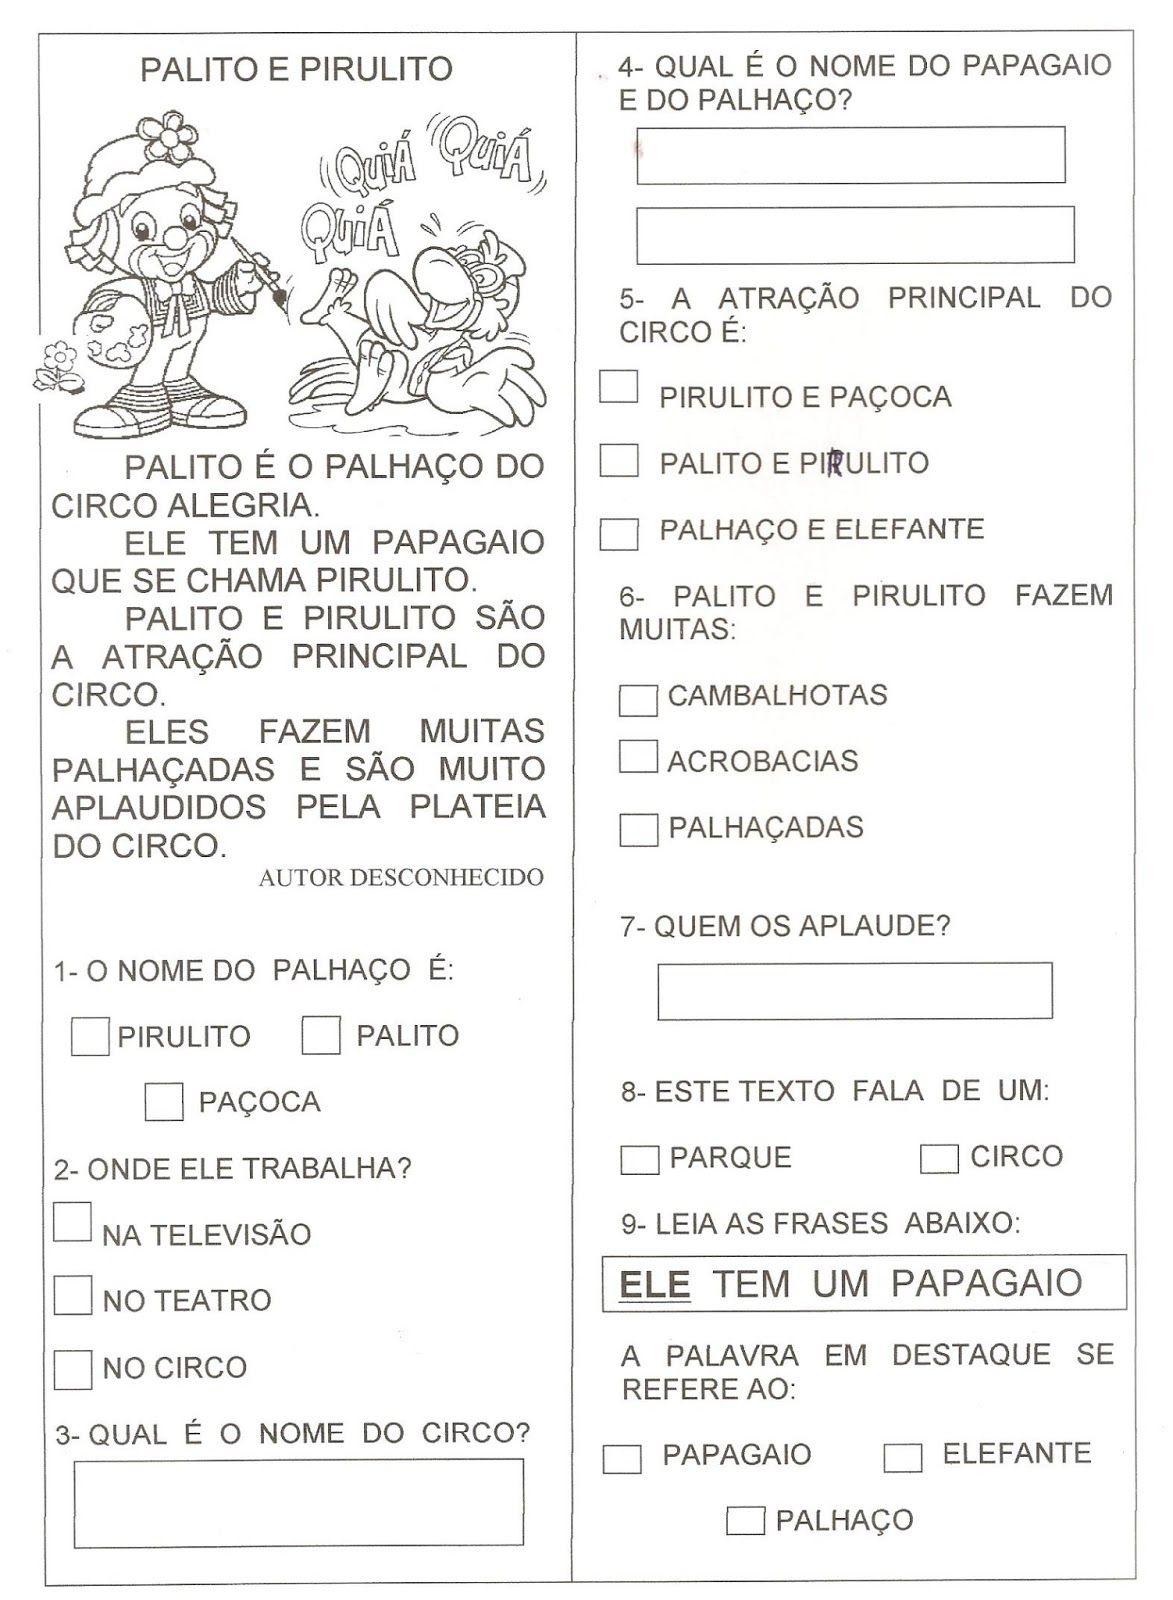 Pin De Marli Oliveira Em Ensinar Em 2020 Com Imagens